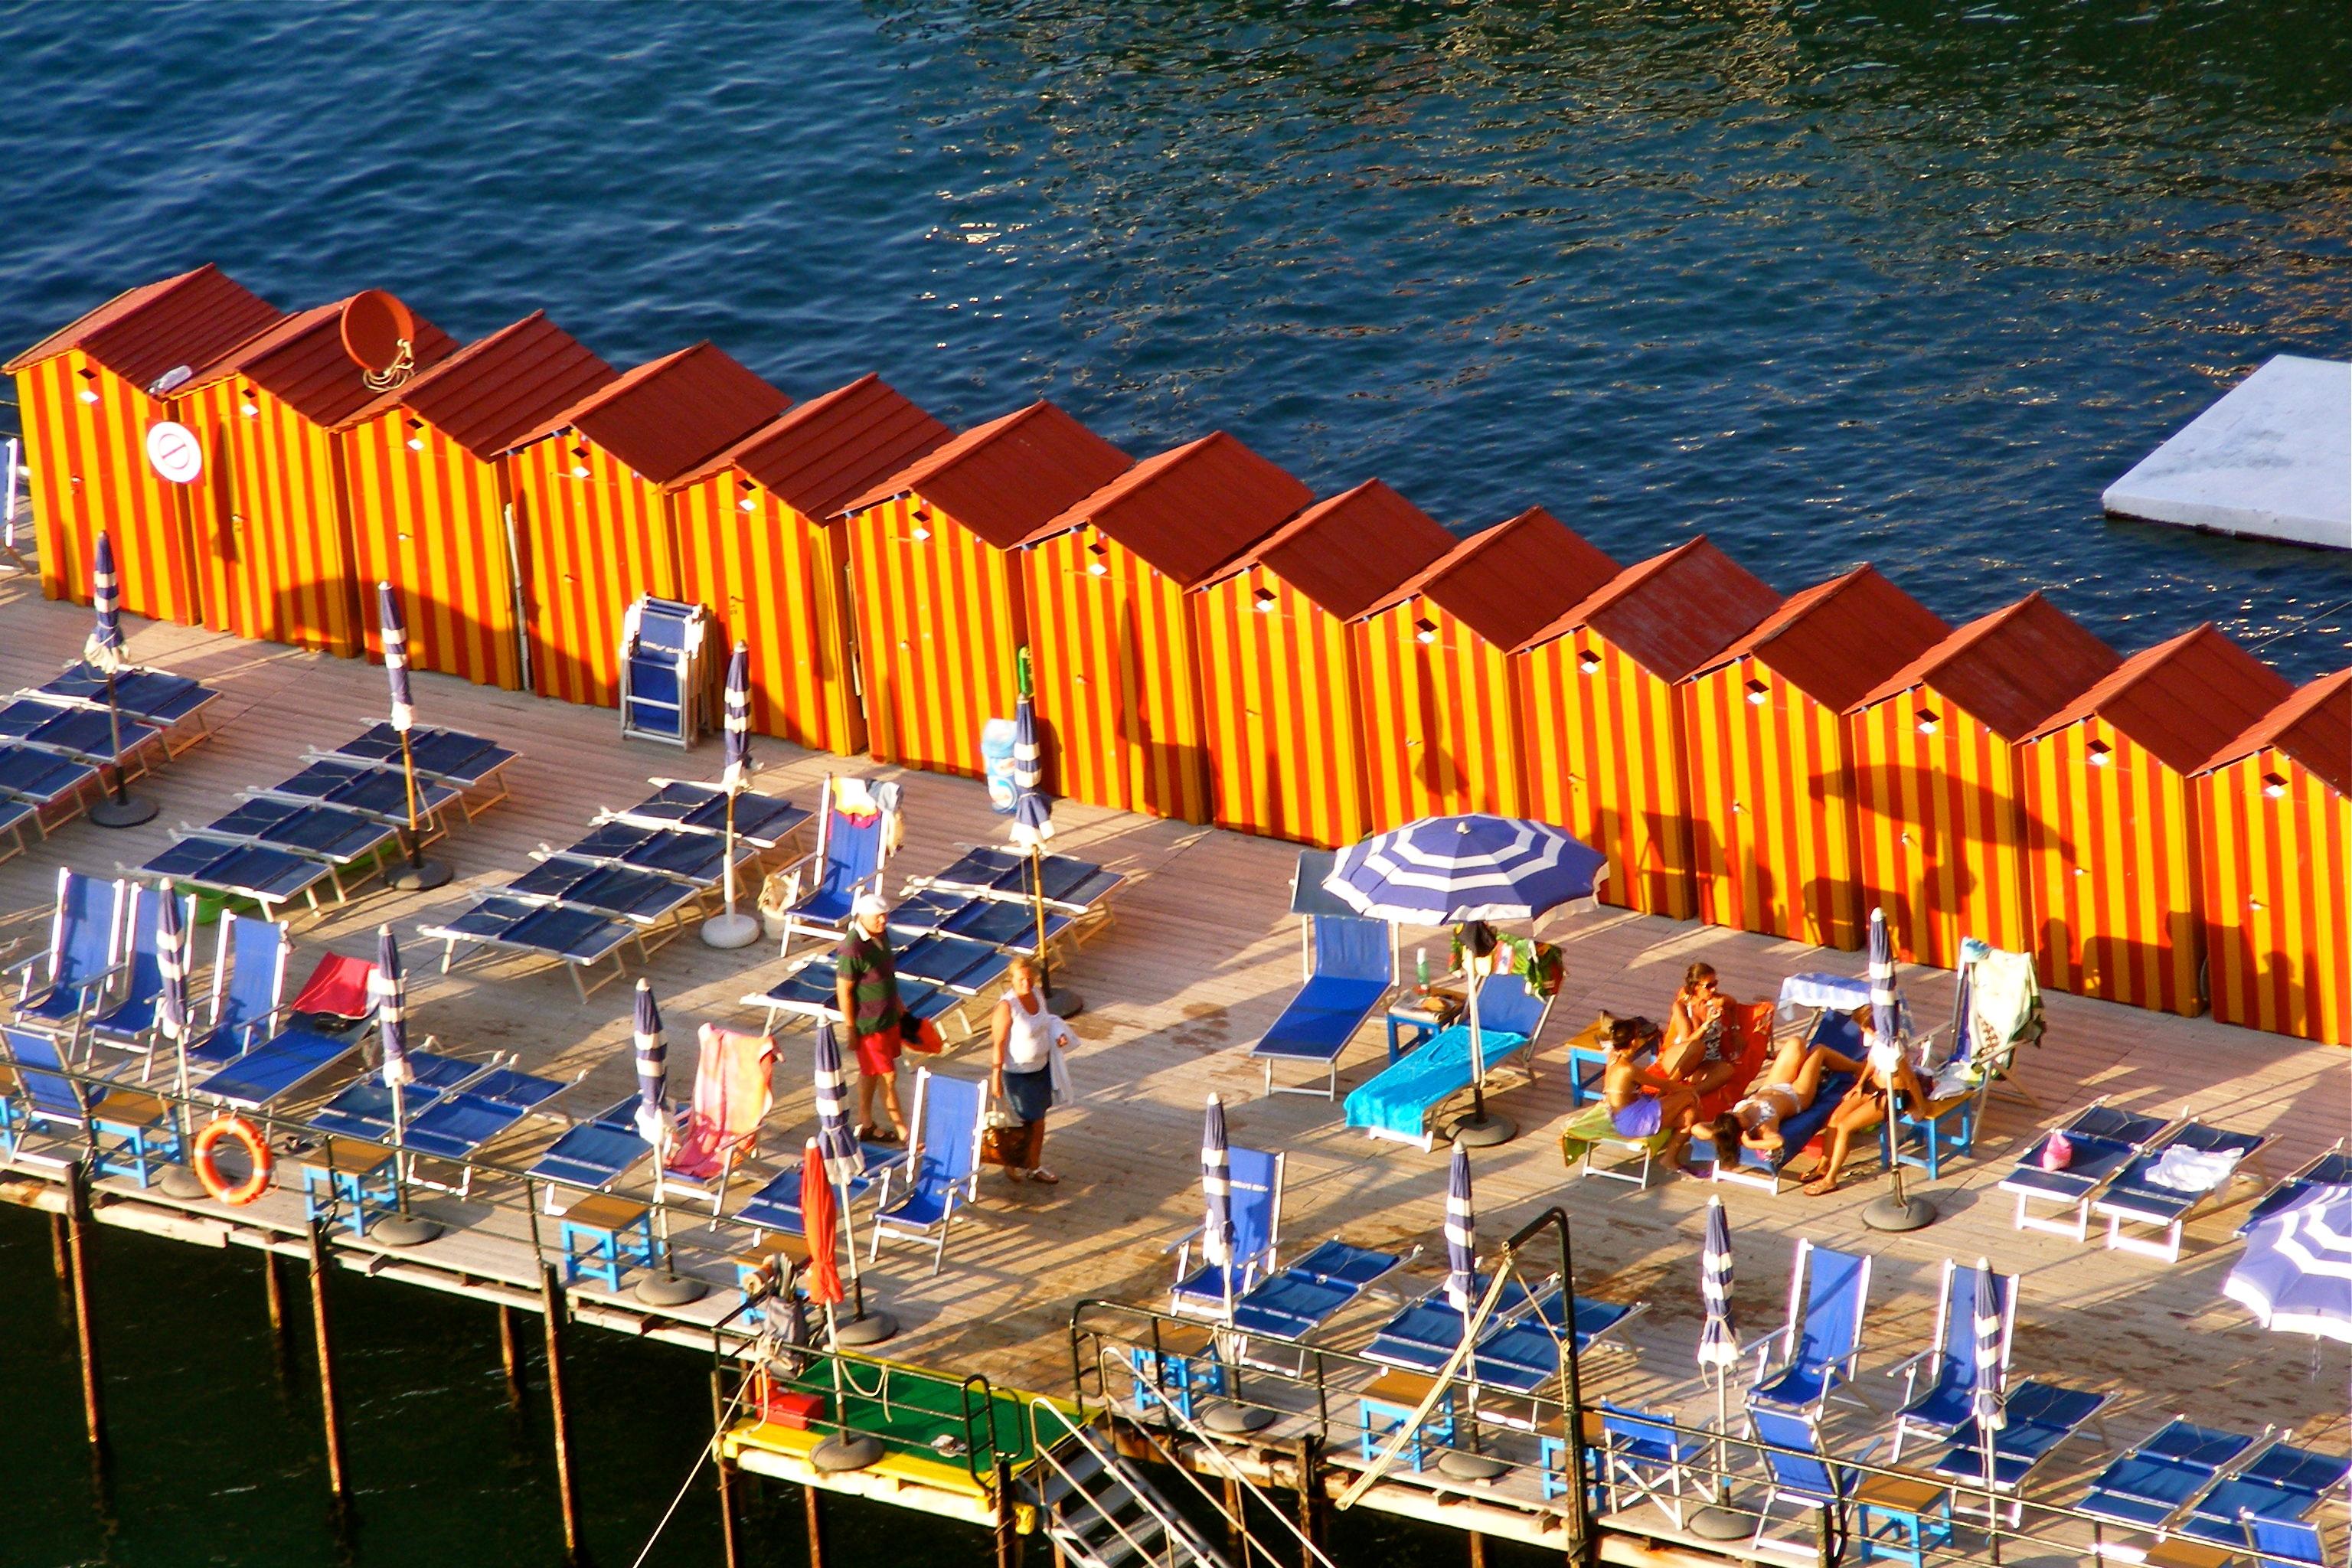 sorrento beach italy amalfi coast